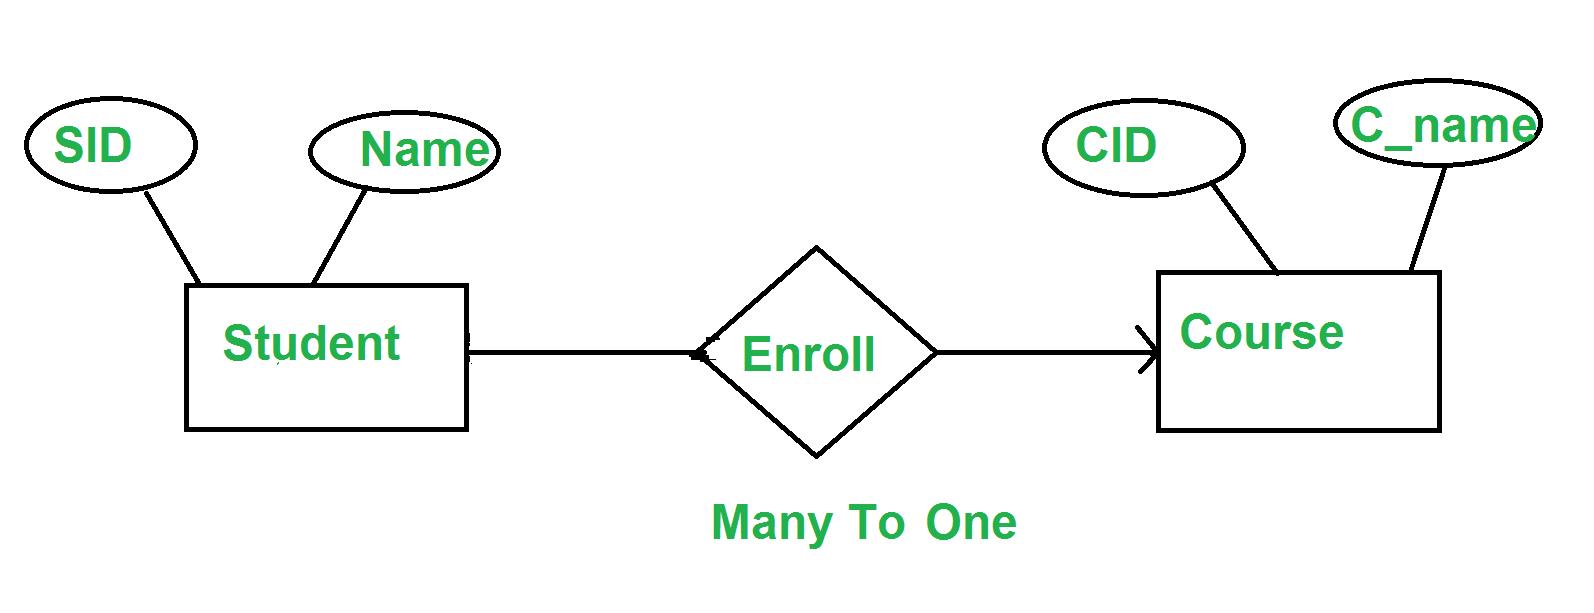 Minimization Of Er Diagrams - Geeksforgeeks regarding 1 To Many Er Diagram